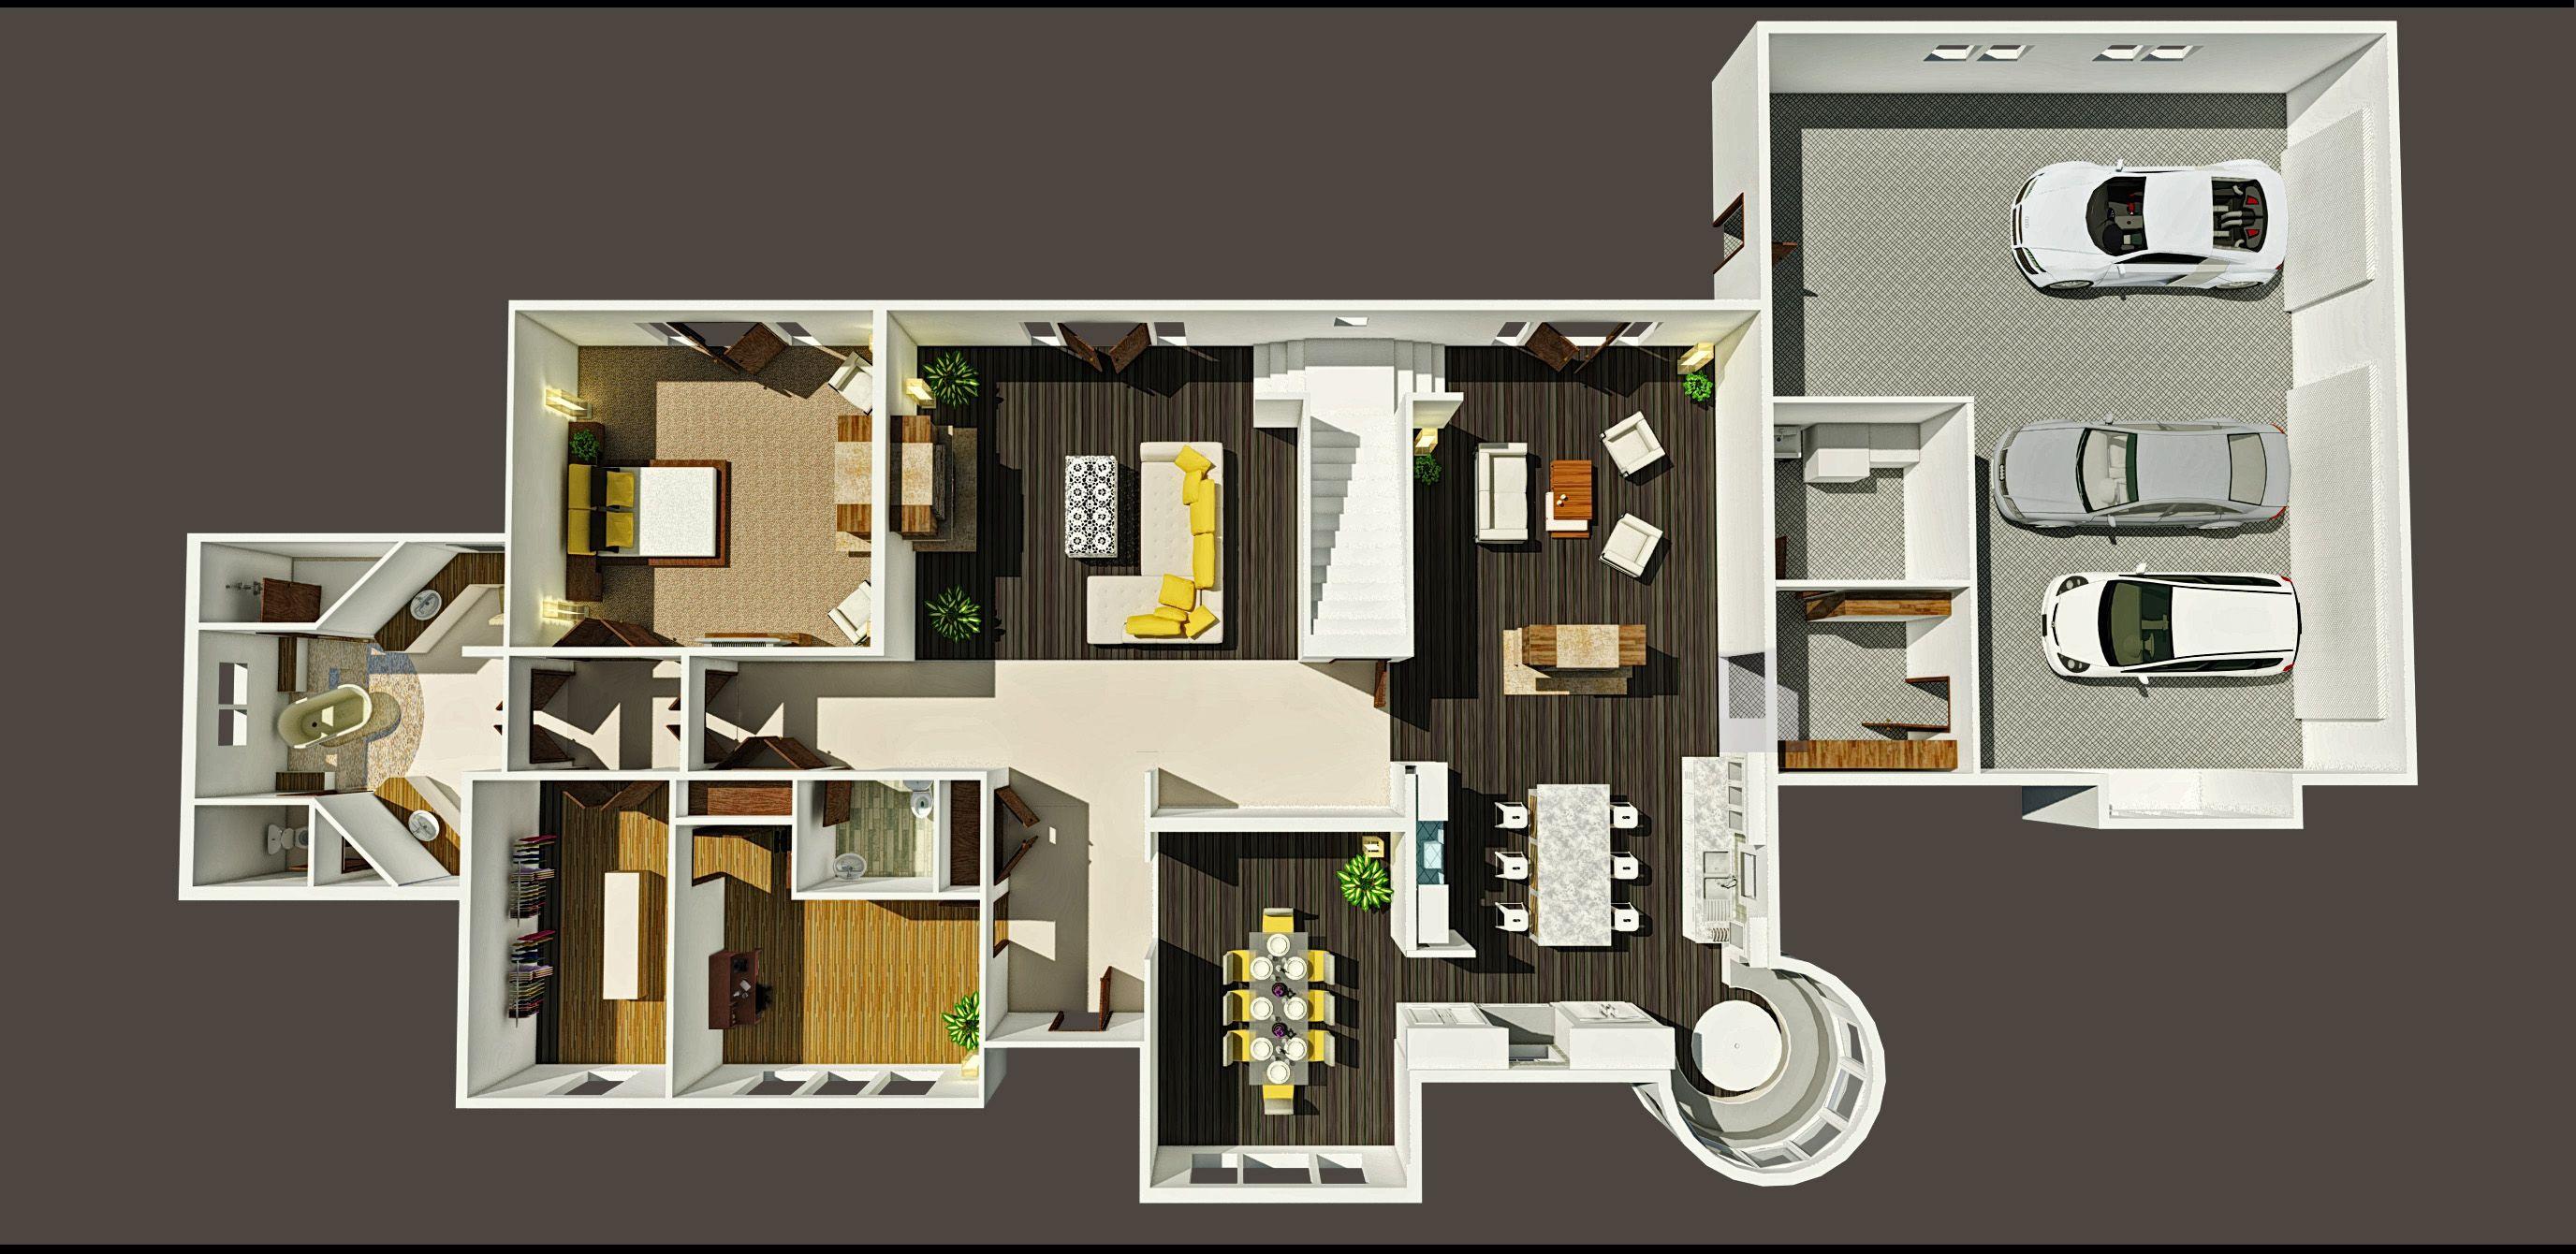 App di design per rinnovare casa bigodino for Planner casa 3d